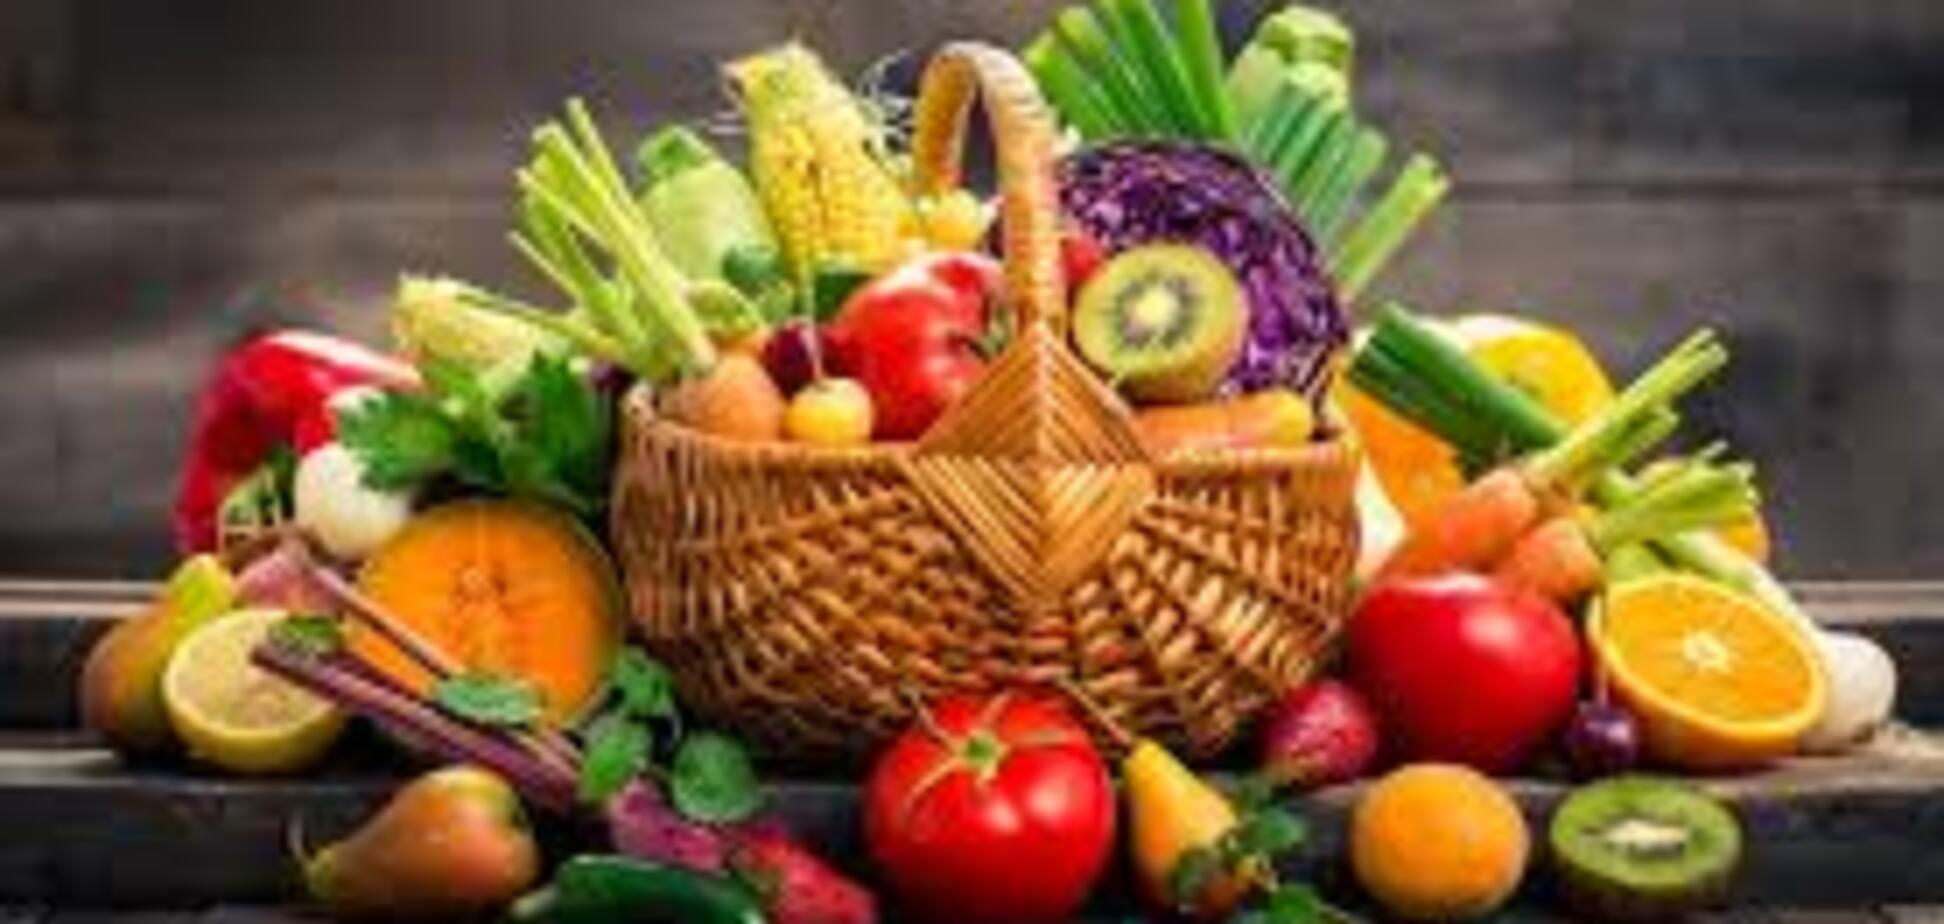 Дефицита нет, продукты подешевели: Петрашко рассказал о ситуации с ценами в Украине